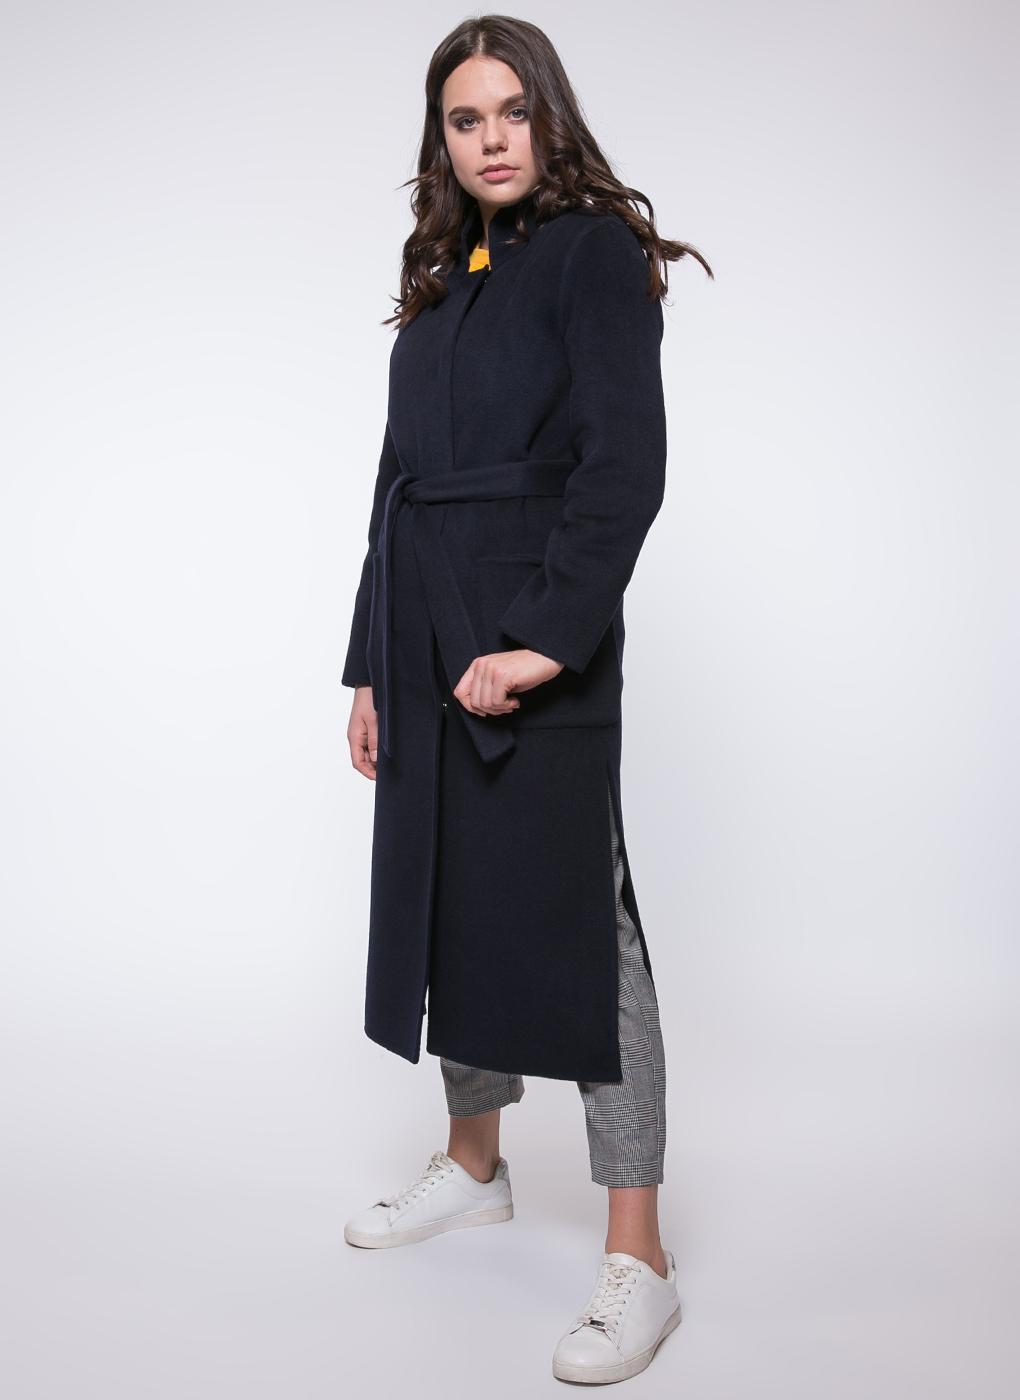 Пальто без подкладки прямое полушерстяное 84, КАЛЯЕВ фото